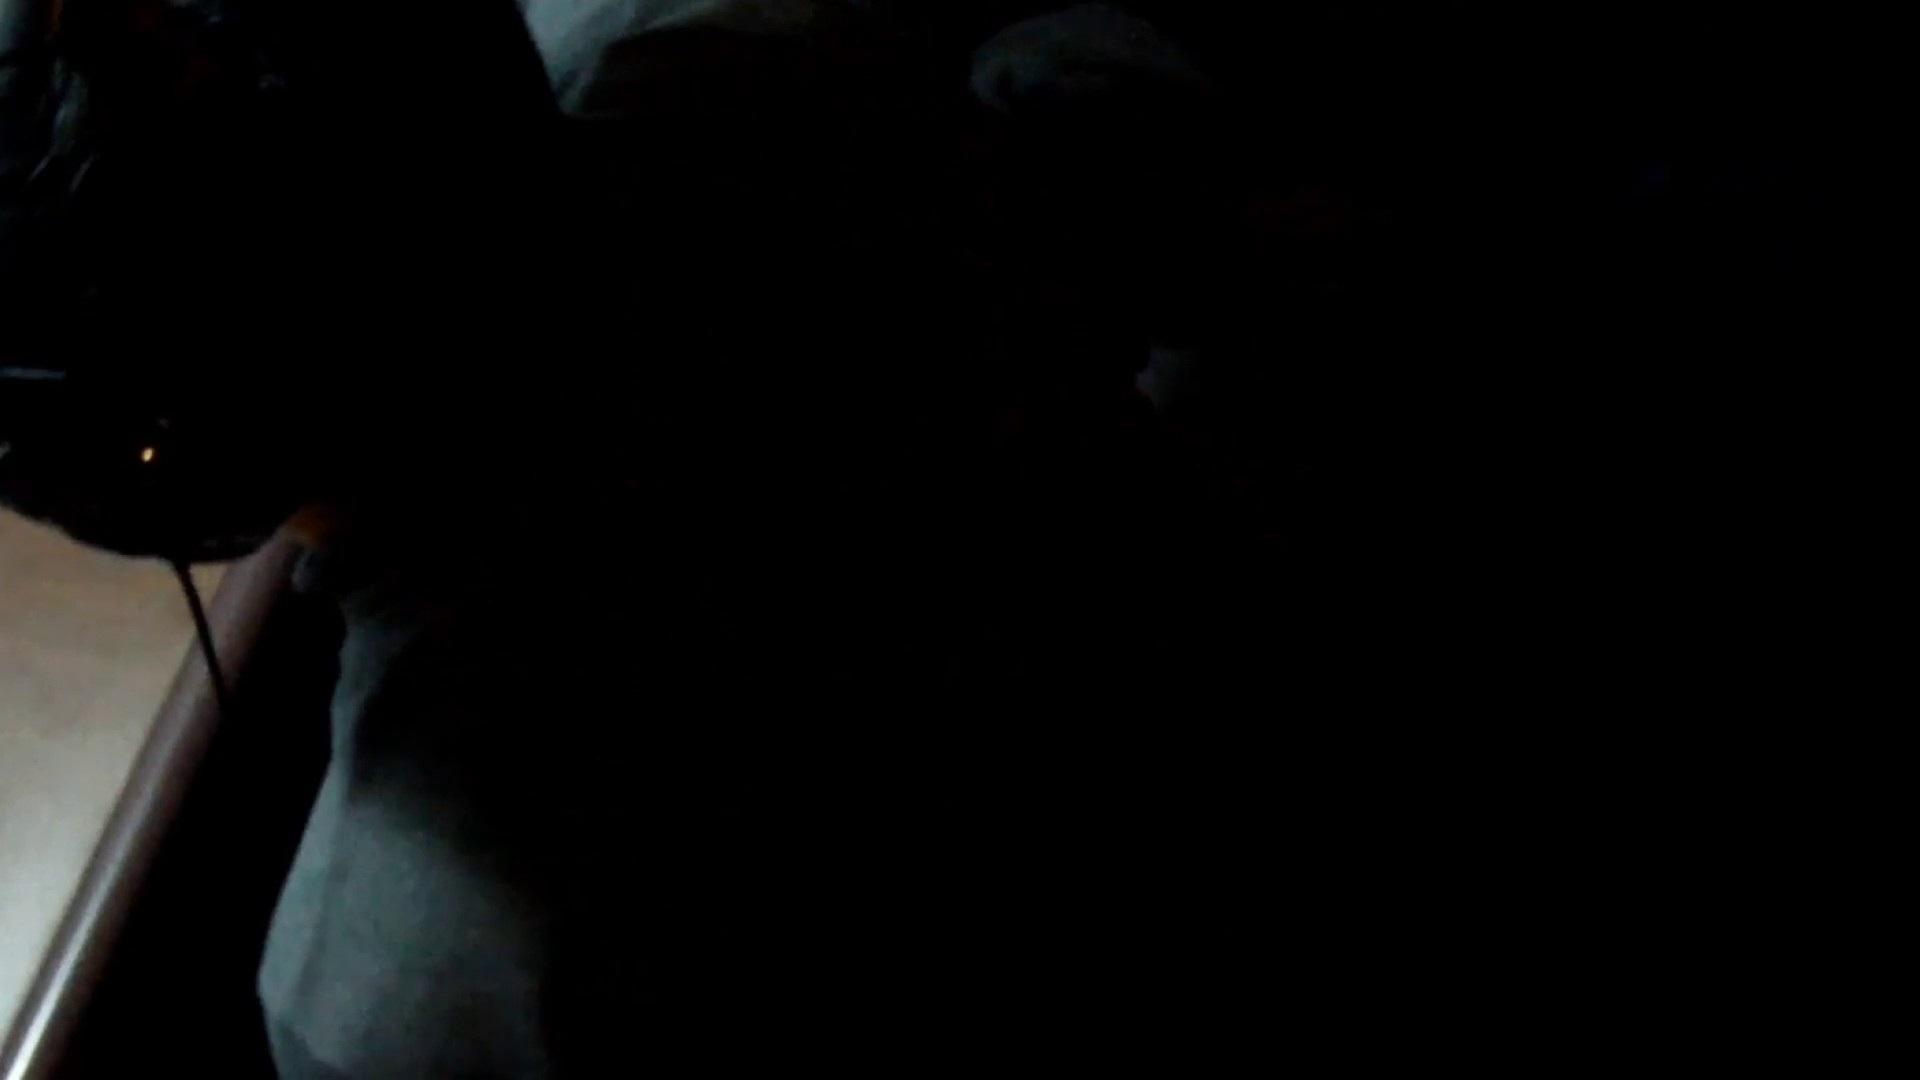 巨根 オナニー塾Vol.31 無修正 | オナニー エロビデオ紹介 75pic 45